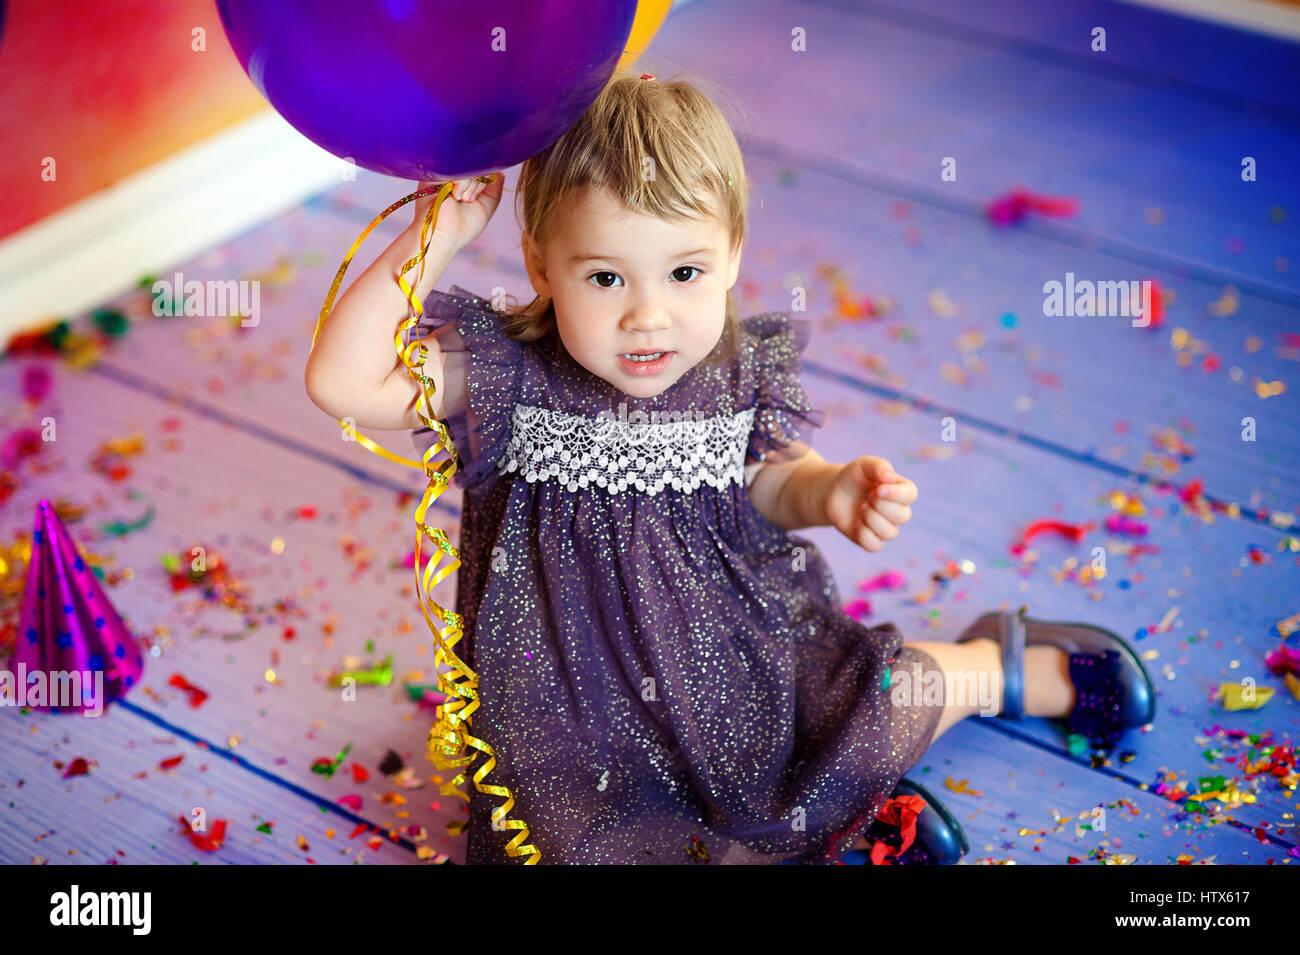 Mignon bébé fille 1-2 ans assis au sol avec ballons roses dans la chambre. Fête d'anniversaire. Photo Stock